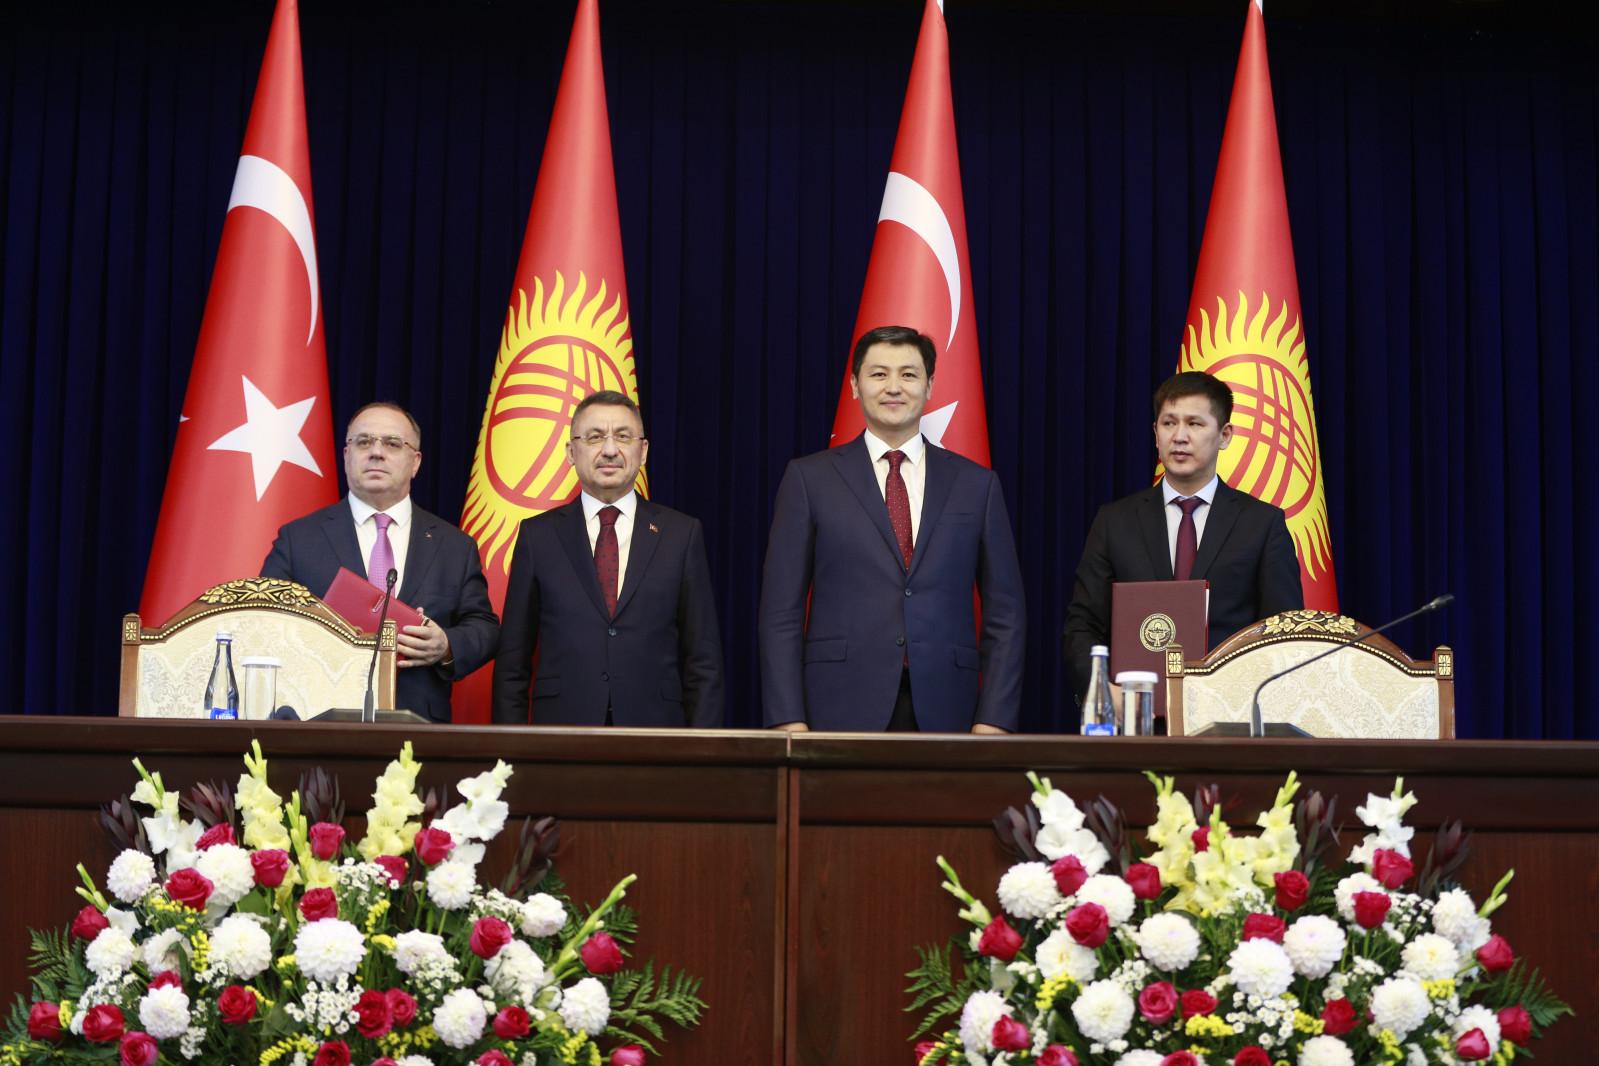 Подписан меморандум о взаимопонимании между Кабинетом Министров Кыргызской Республики и Правительством Турецкой Республики в горнодобывающей сфере